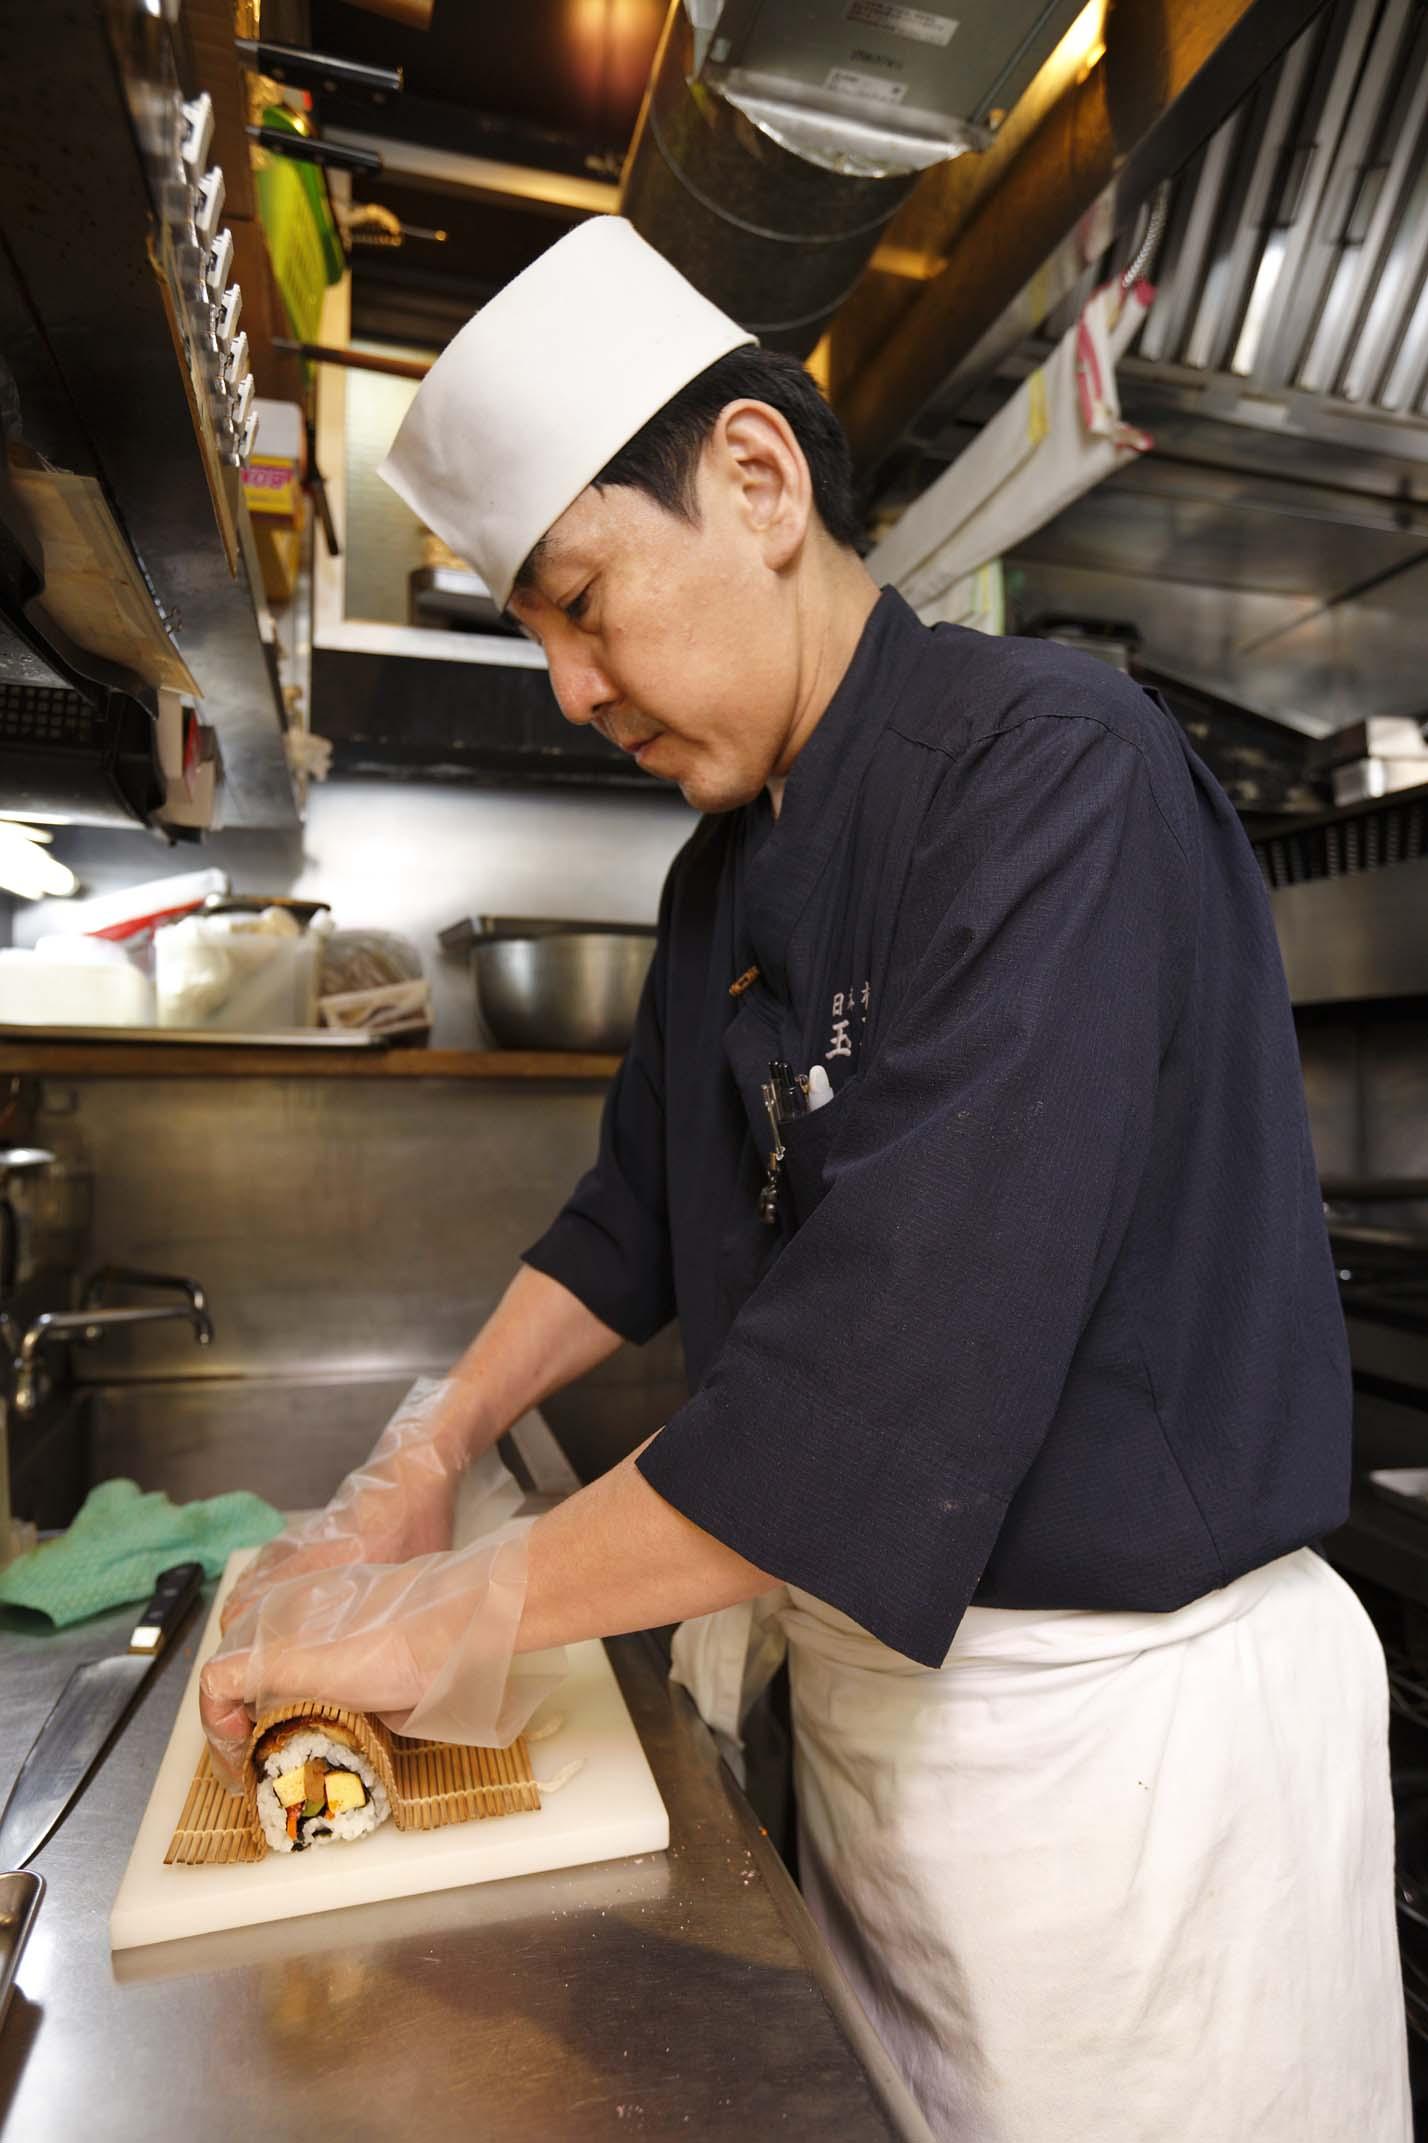 締め加減を重要視する、江戸前寿司職人。